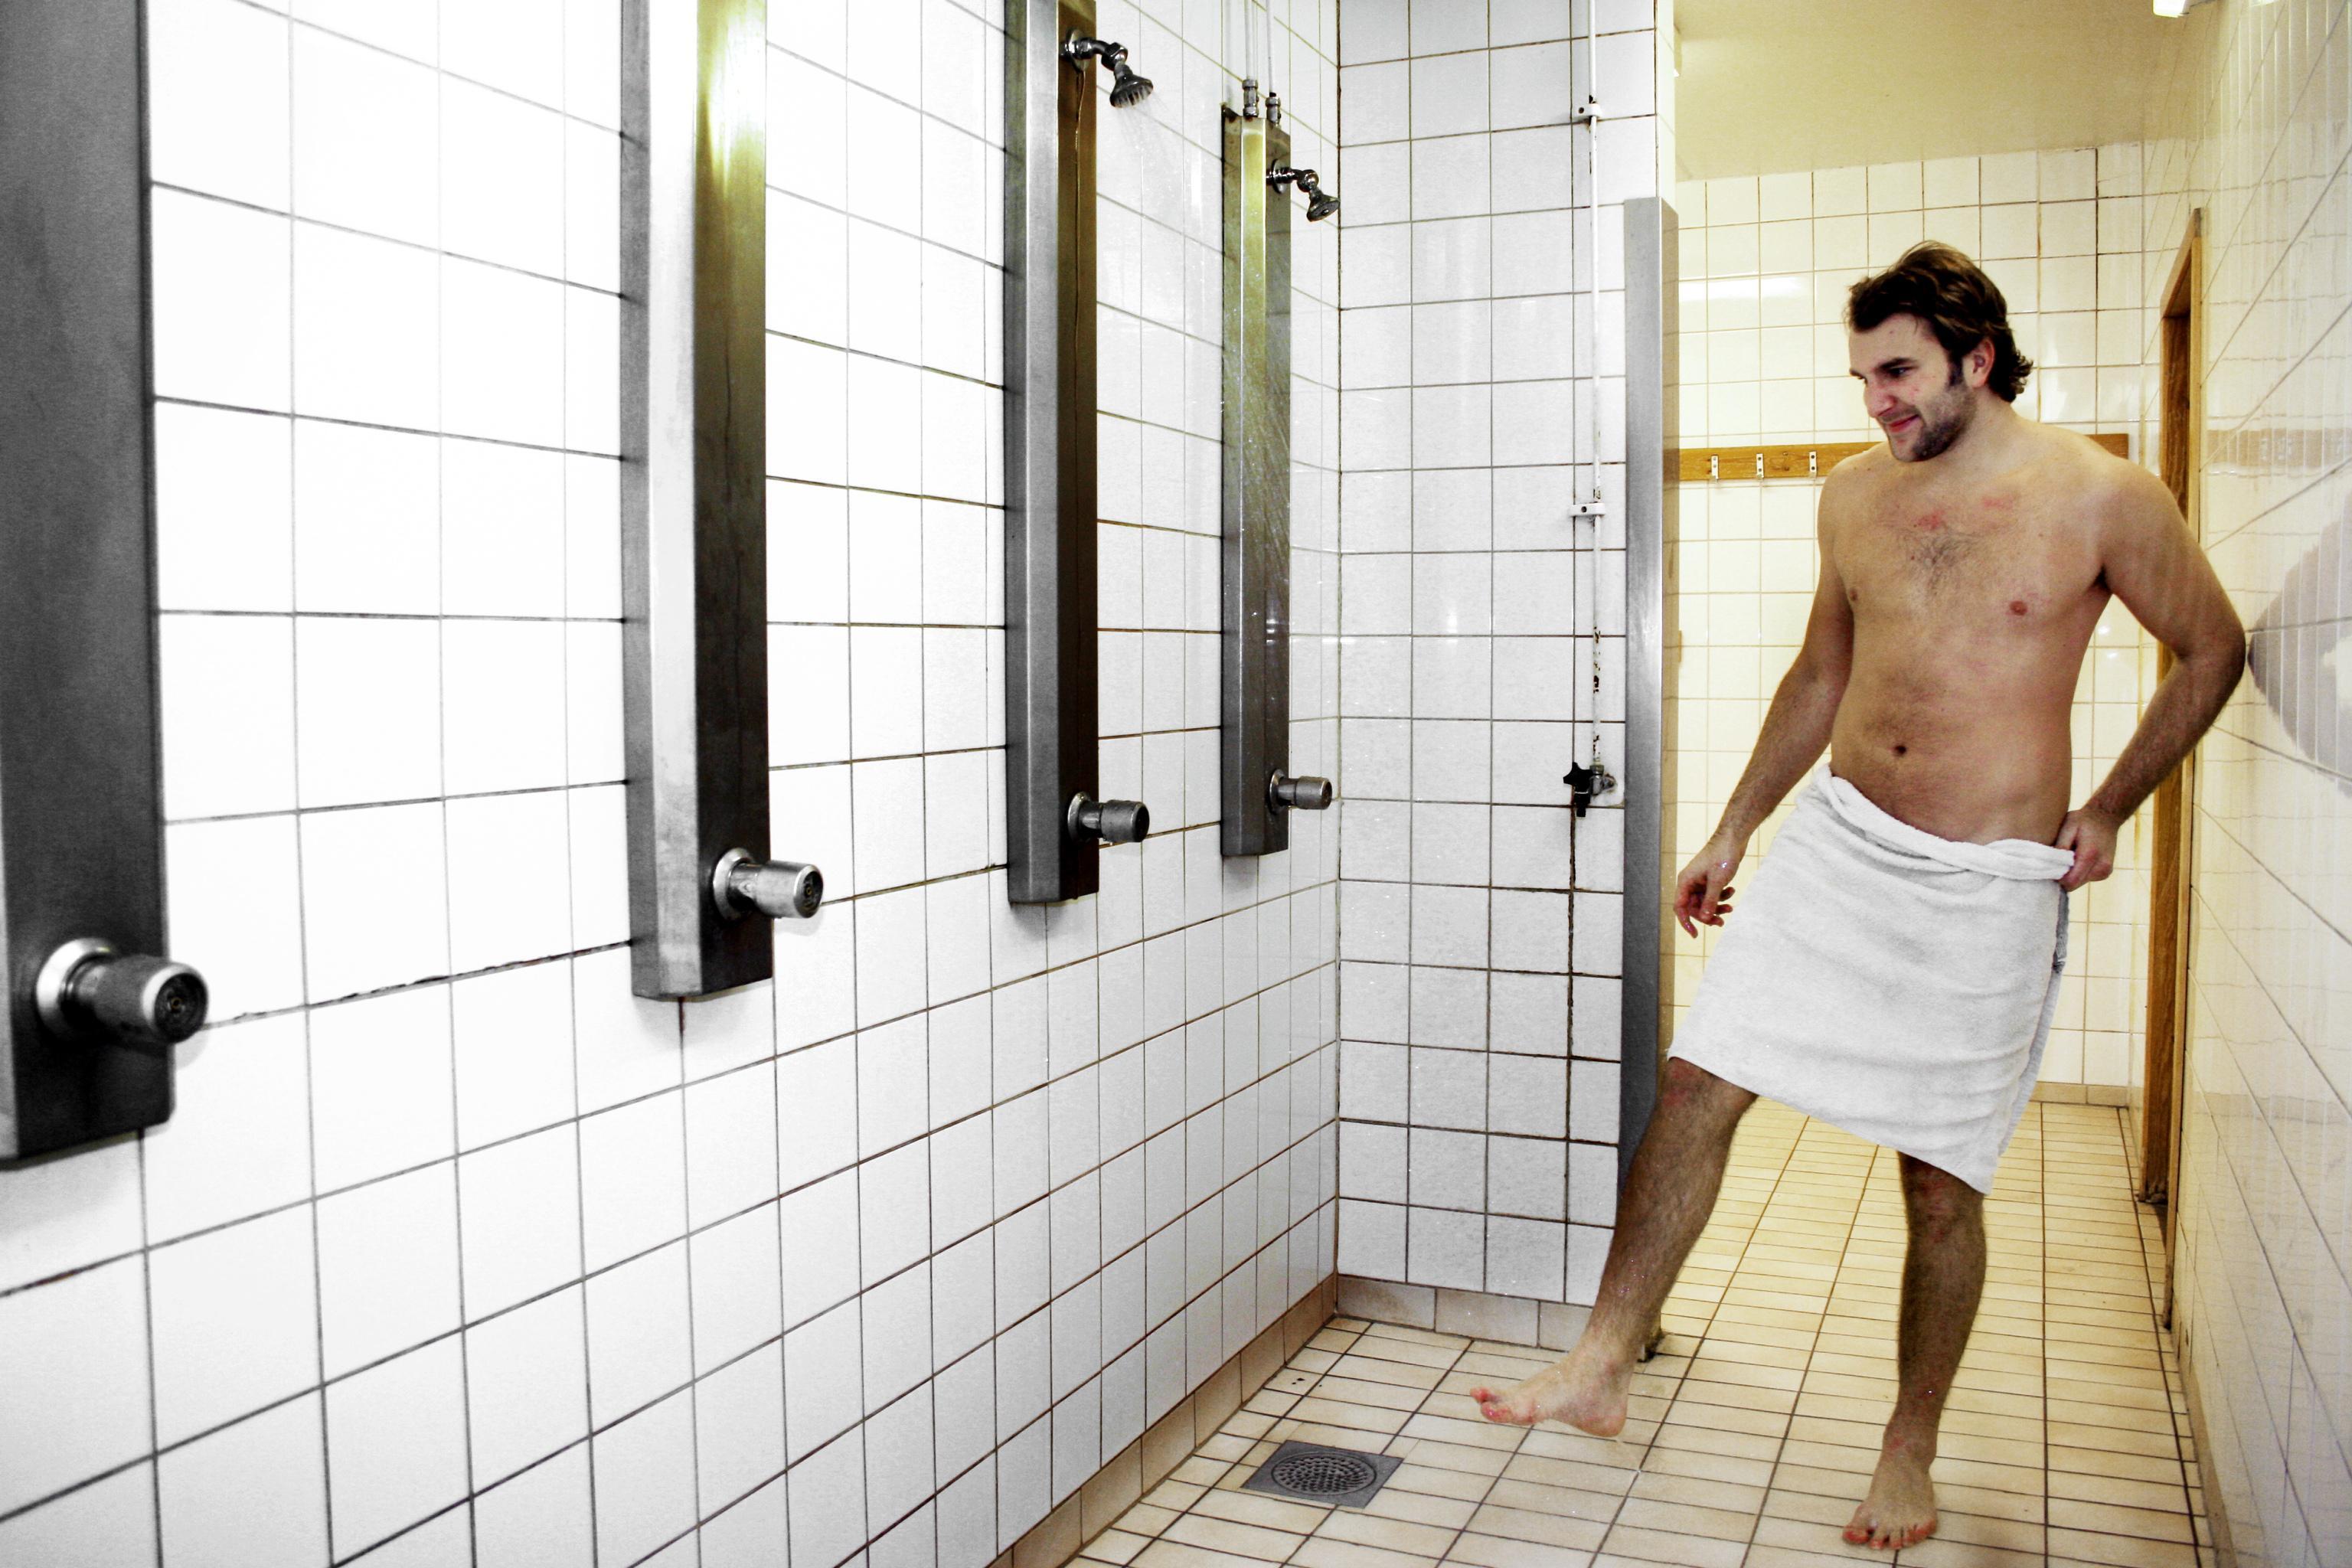 När den här bilden togs för ett antal år sedan hade Sydnärkehallen varit utan varmvatten under lång tid, och Niclas Jonsson svor åt eländet. Nu ska de slitna duschrummen rustas.Foto: Barbro Isaksson/Arkiv